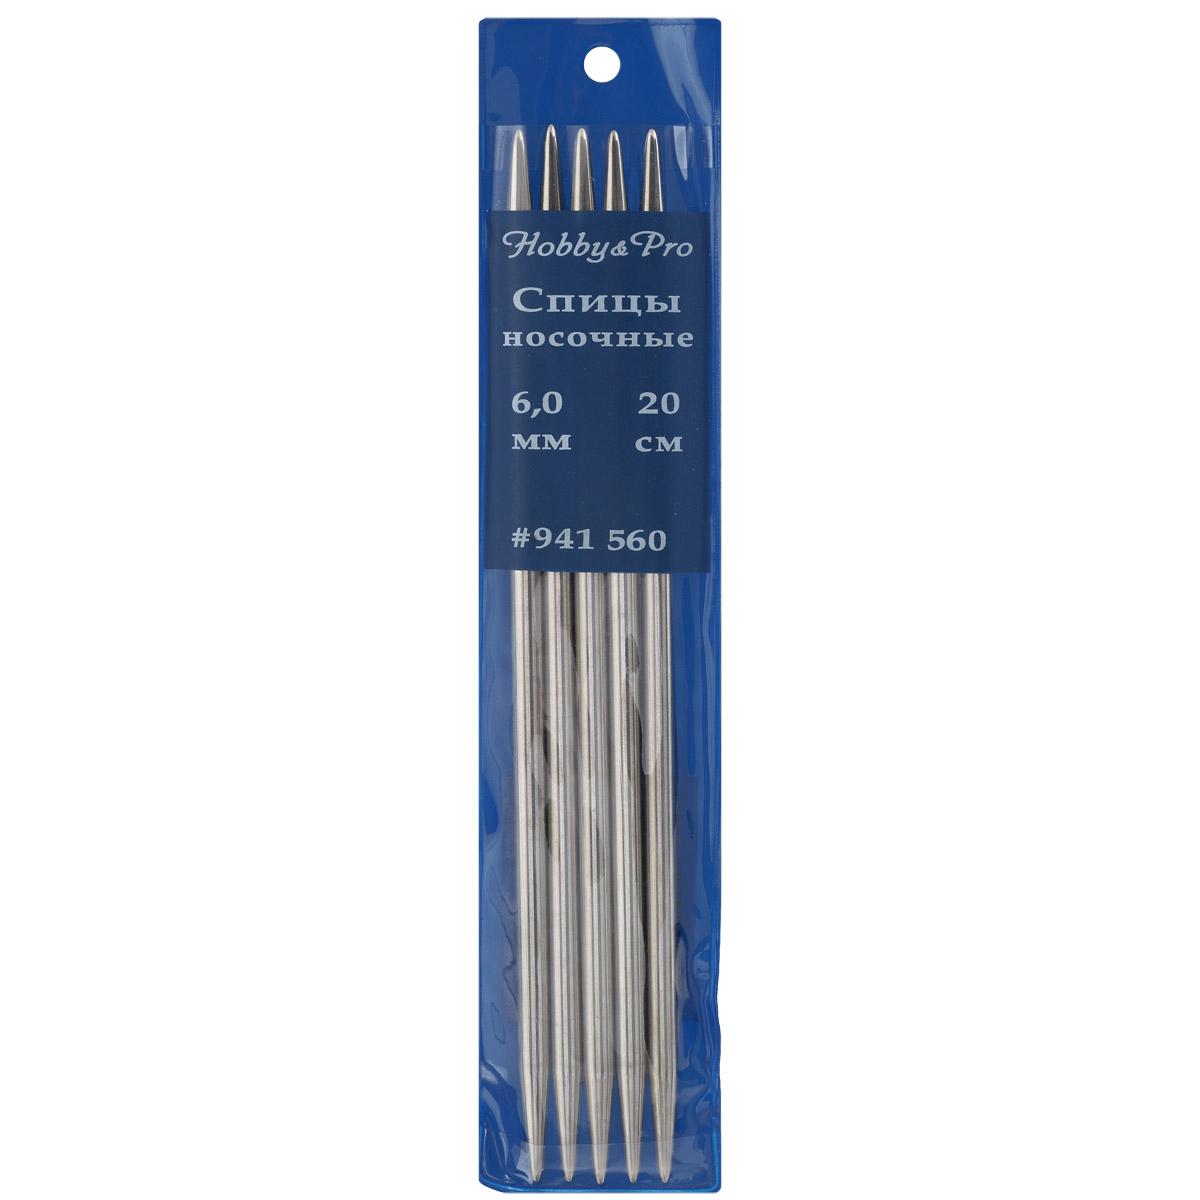 Спицы носочные Hobby & Pro, металлические, прямые, диаметр 6 мм, длина 20 см, 5 шт7701291Спицы для вязания Hobby & Pro изготовлены из высококачественного металла. Спицы прочные, легкие, гладкие, удобные в использовании. Кончики спиц закругленные. Спицы без ограничителей предназначены для вязания шапочек, варежек и носков. Вы сможете вязать для себя и делать подарки друзьям. Рукоделие всегда считалось изысканным, благородным делом. Работа, сделанная своими руками, долго будет радовать вас и ваших близких.